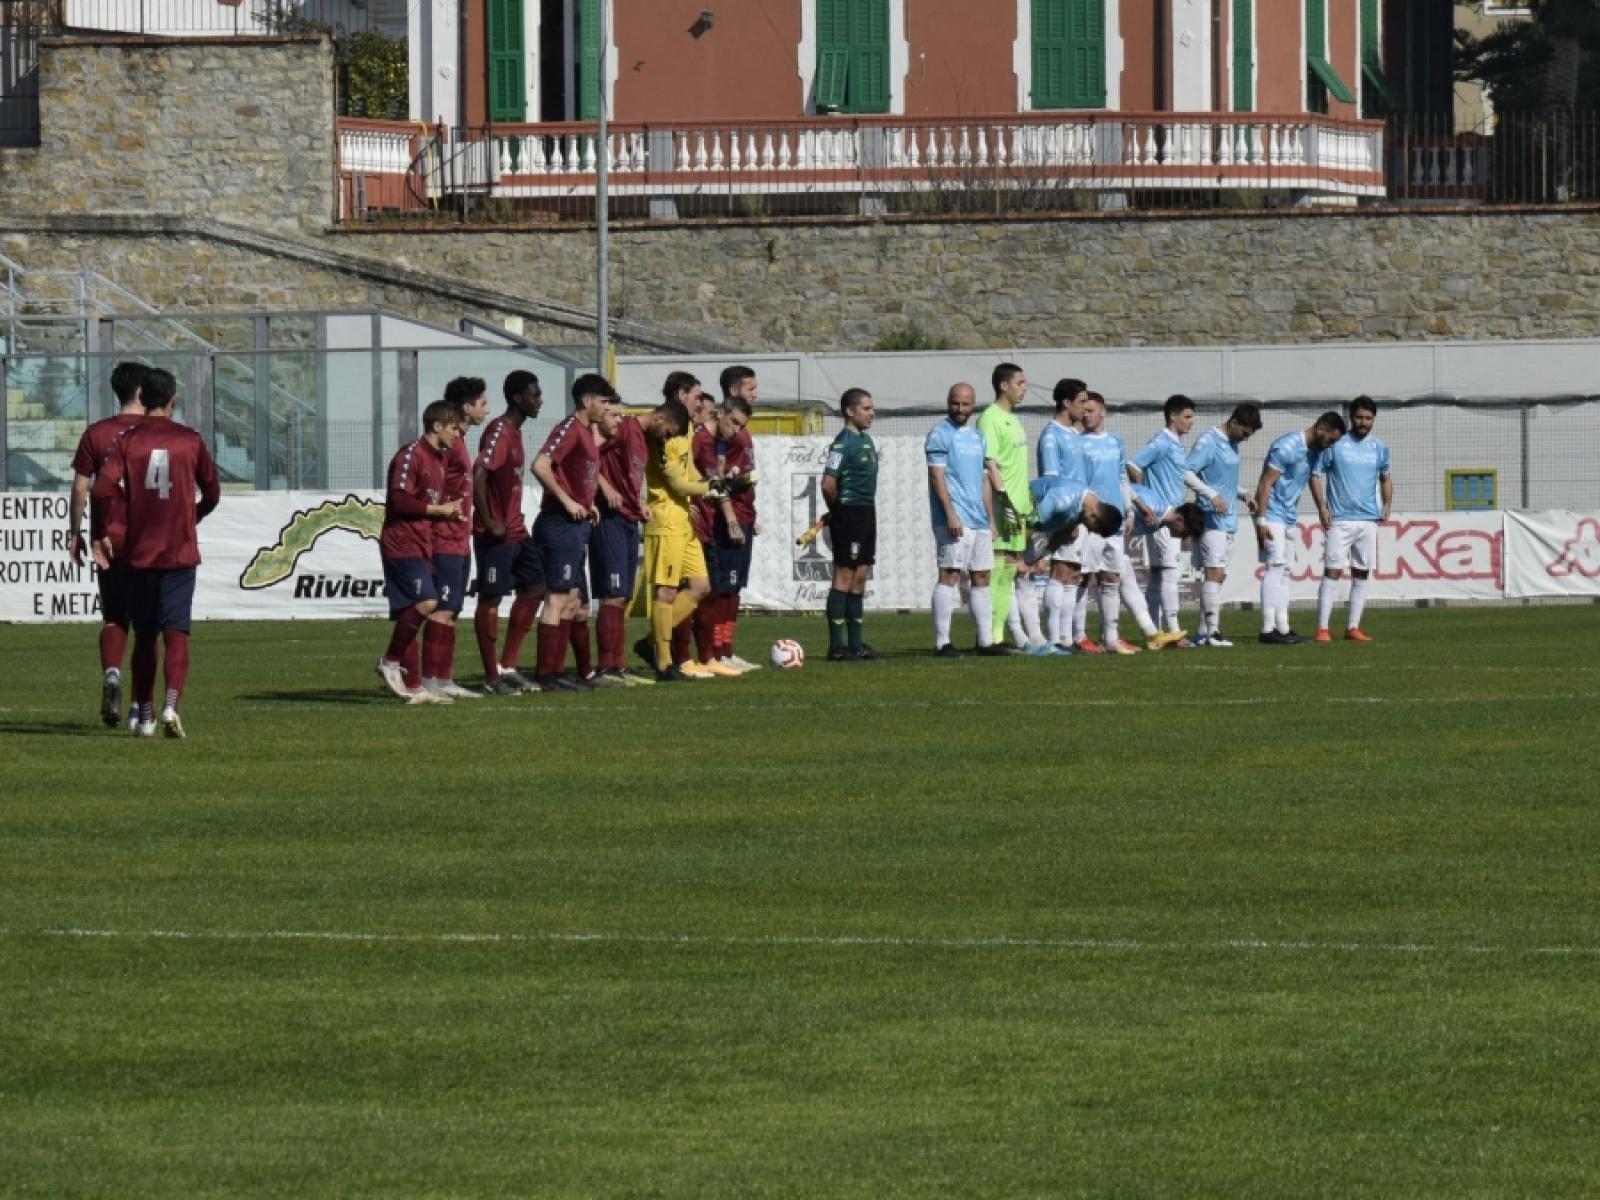 Serie D Sanremese vs Saluzzo 2-0